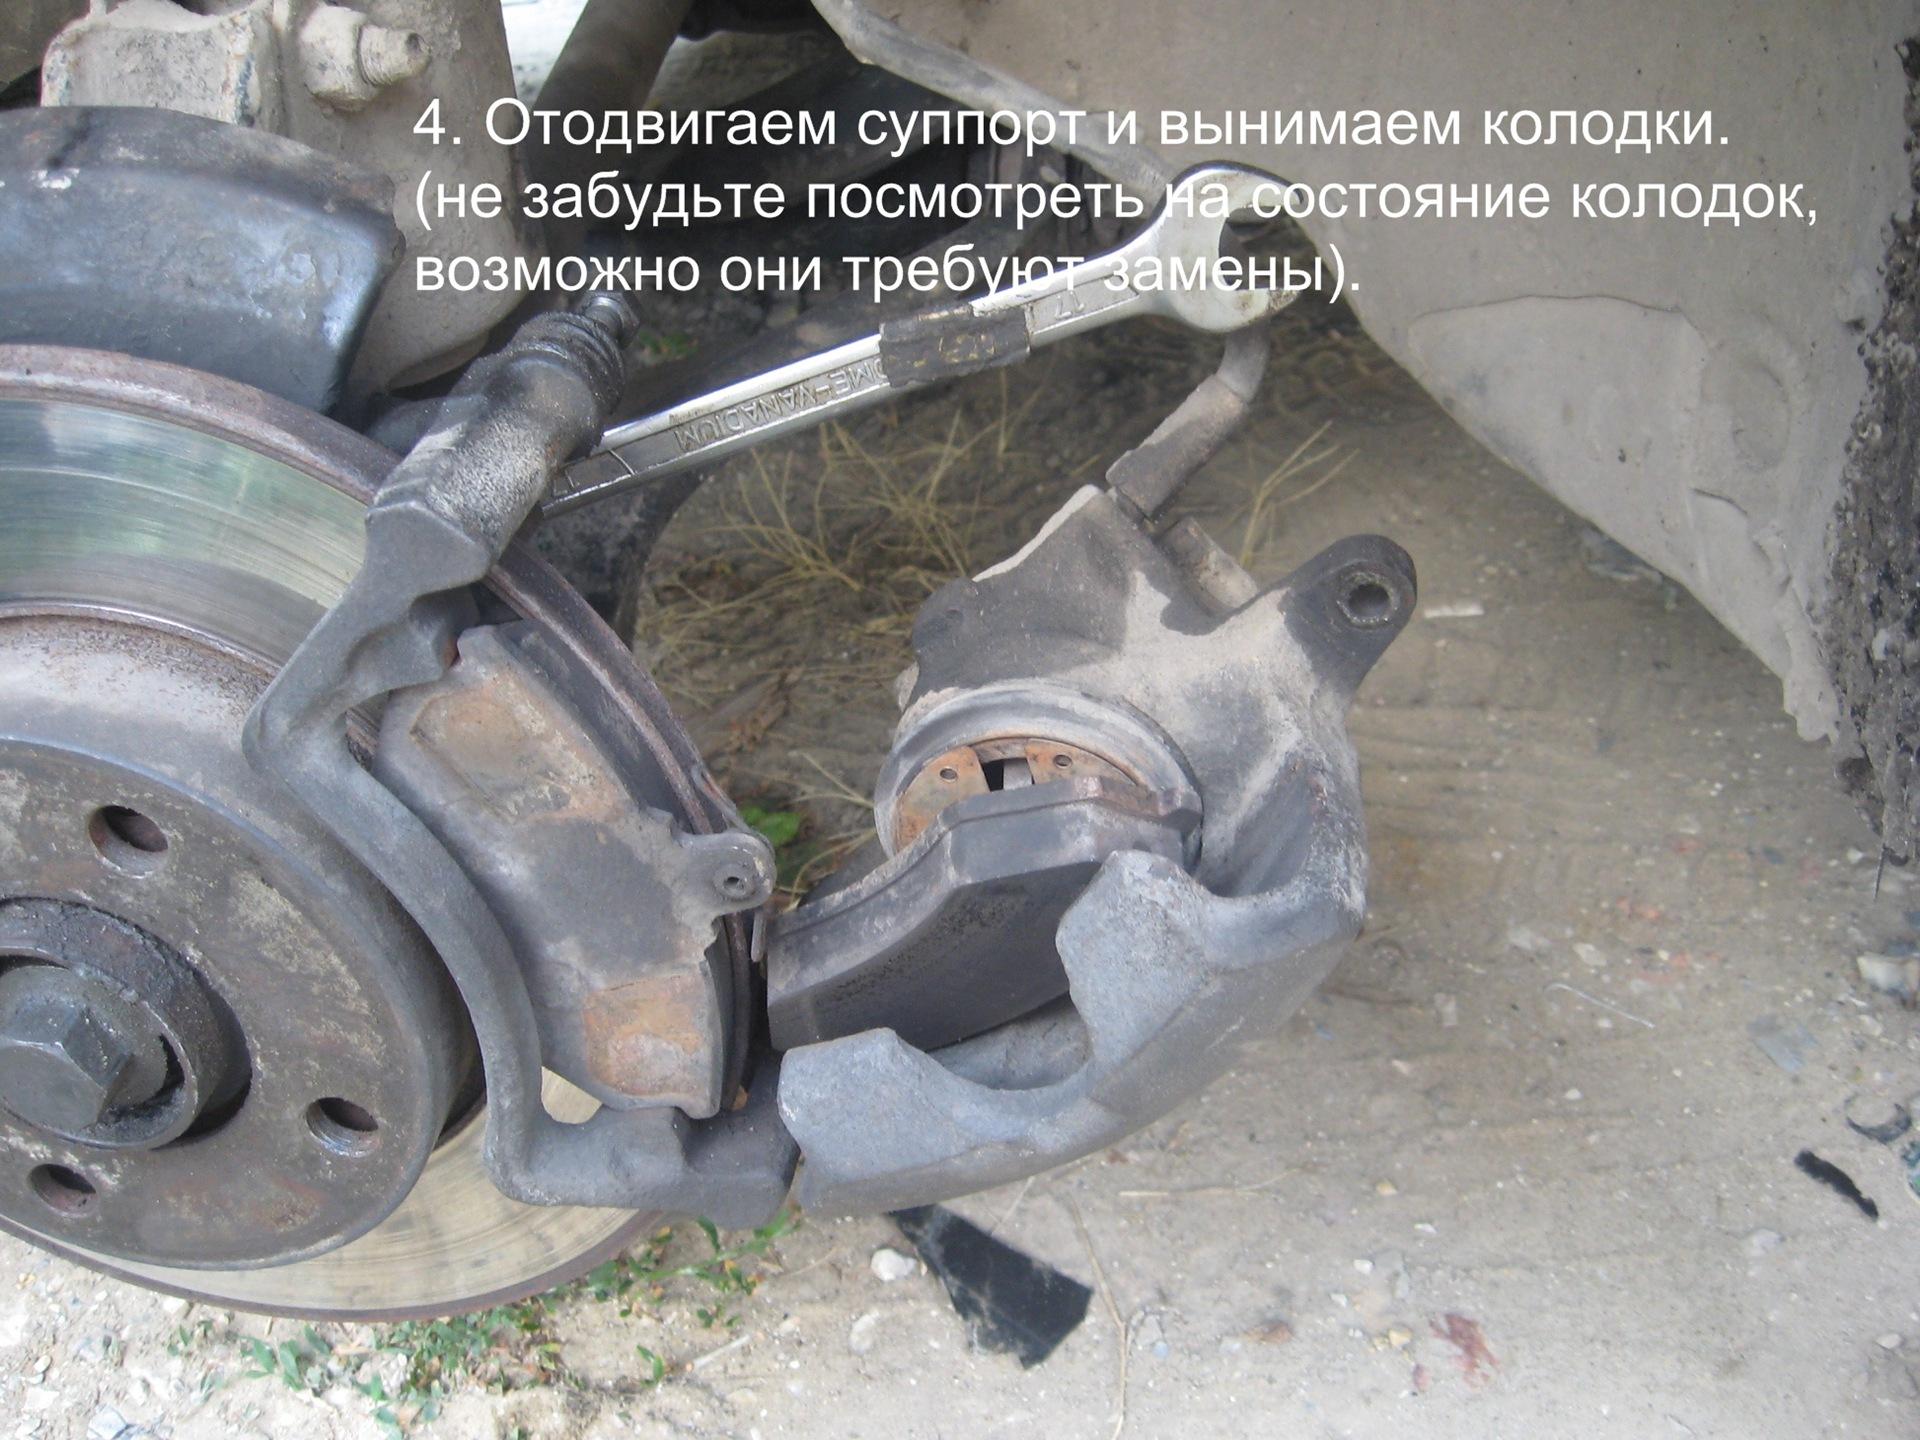 инструкция по замене задней ступицы ваз 2106 с фото